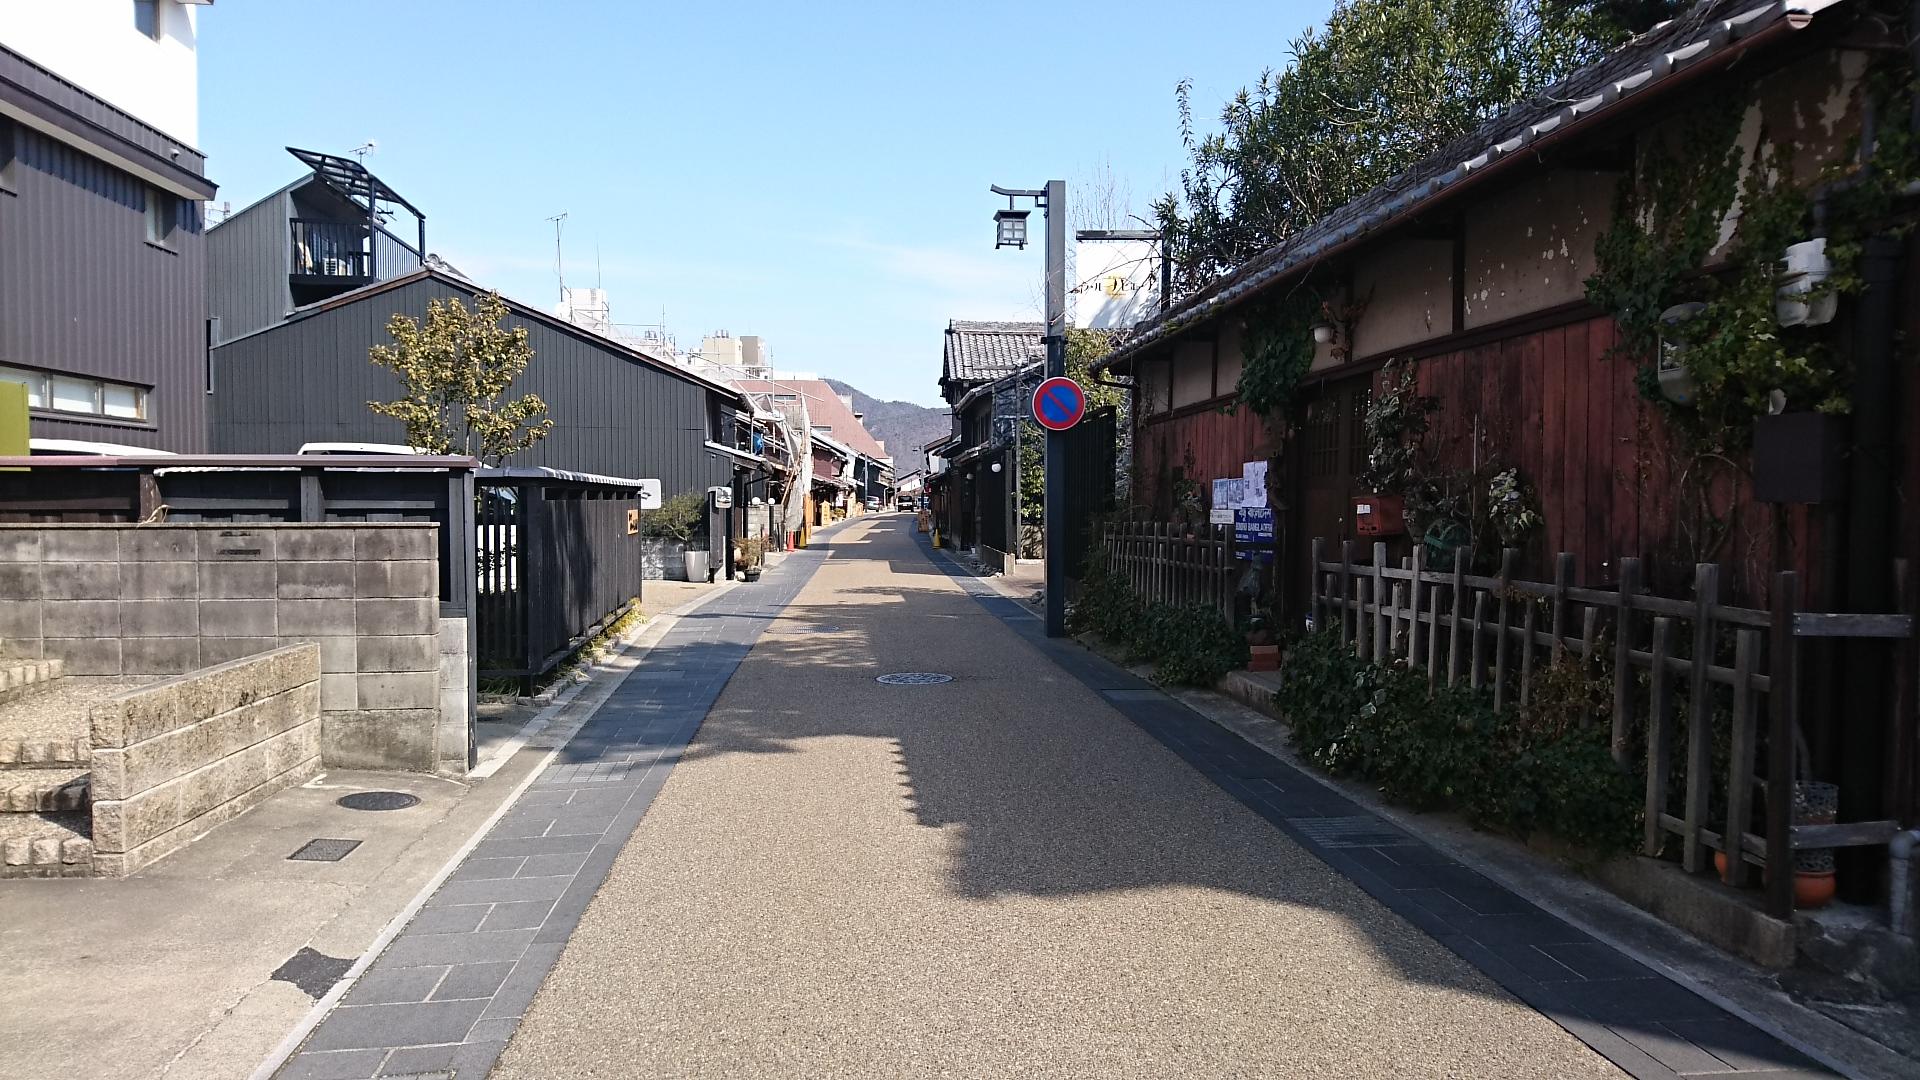 2018.2.19 岐阜 (162) 川原町ひがしむき 1920-1080